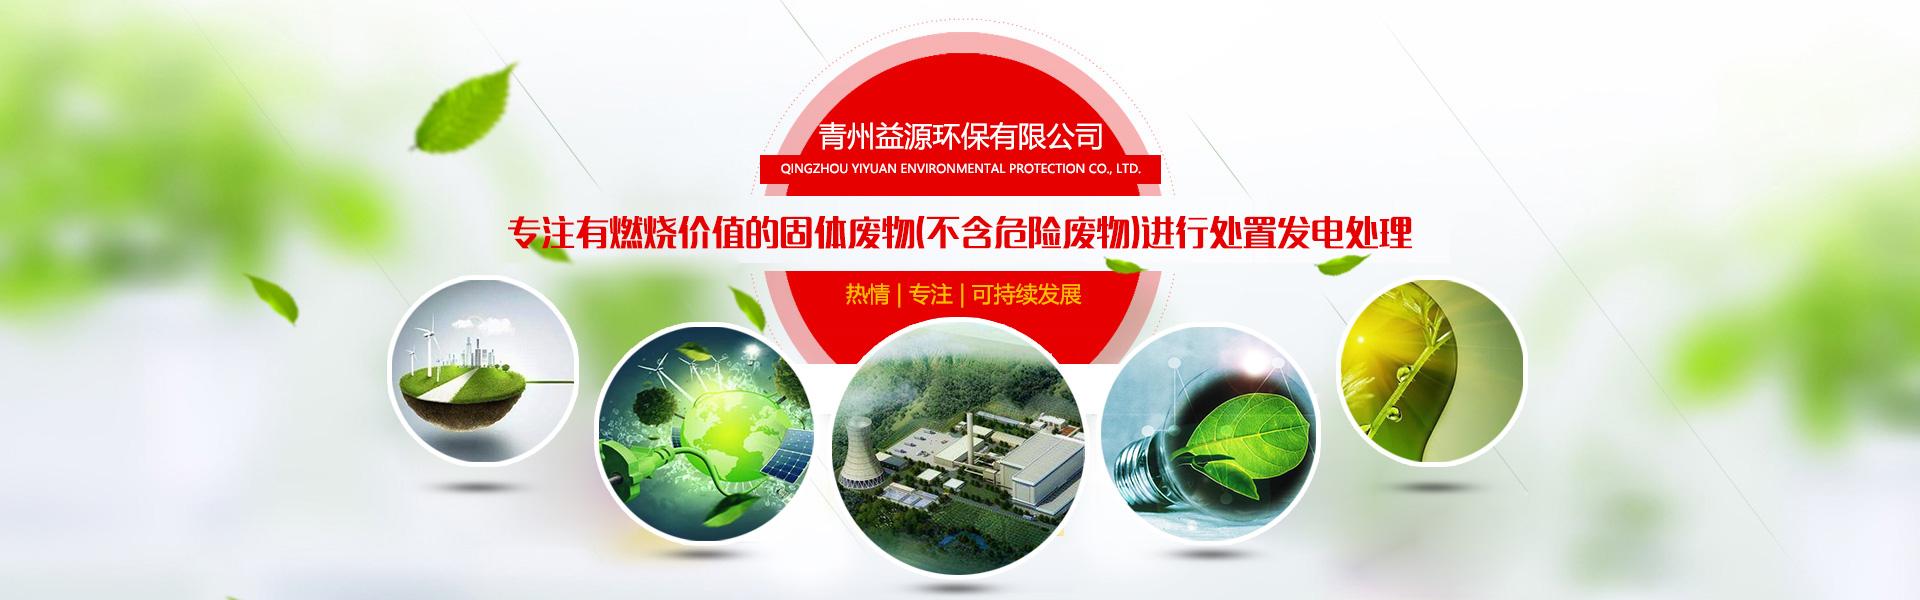 青州益源环保有限公司